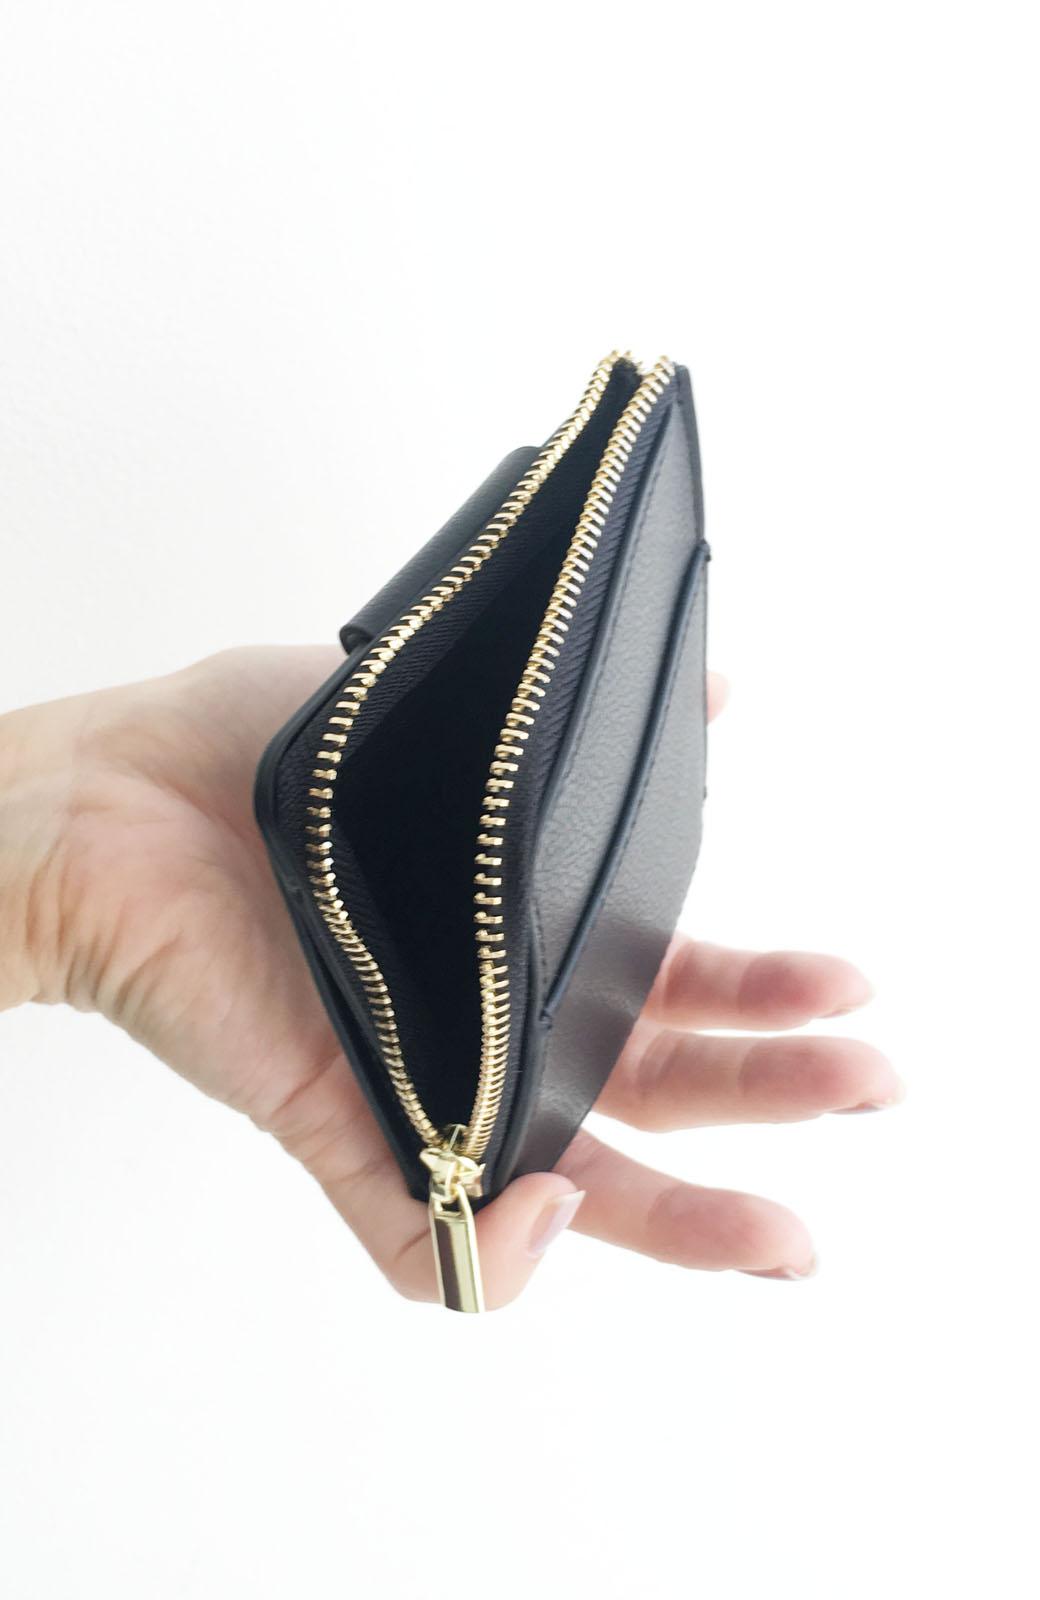 haco! Legato Largo うすいサイフシリーズ 軽量ボンディングフェイクレザー 二つ折り財布 <ブラック>の商品写真5